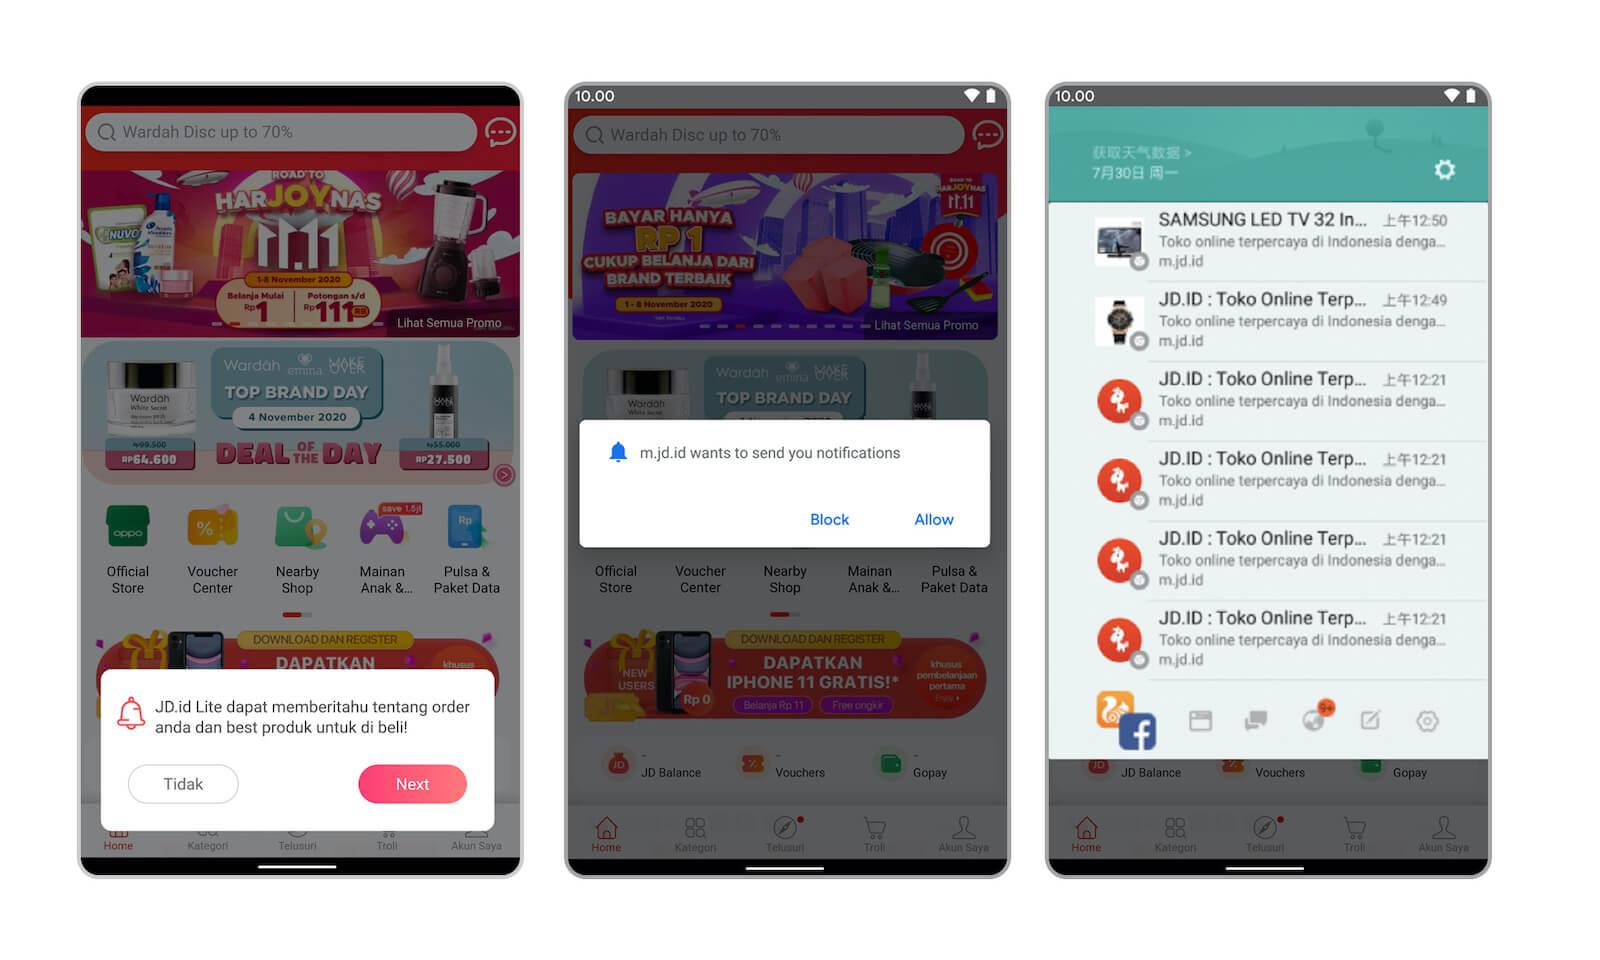 Screenshots of enabling push notifications